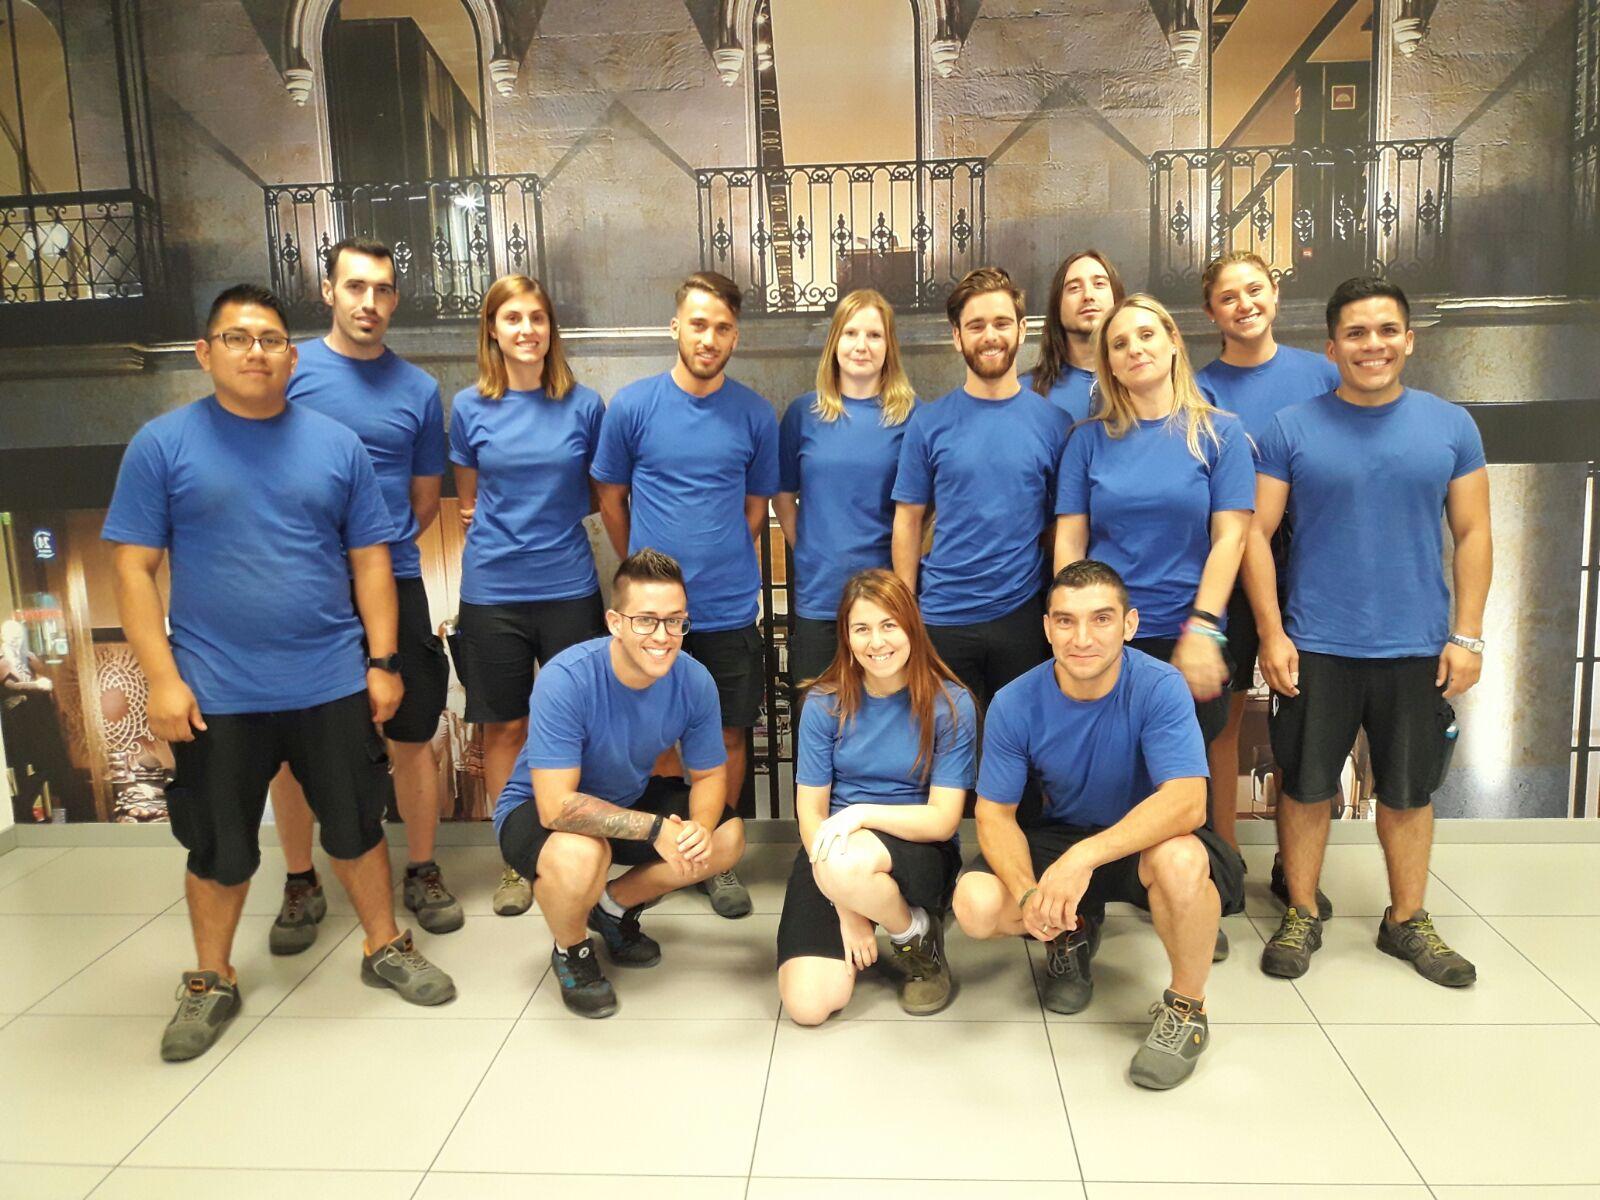 Grupo de formación en Plataforma Logística Meco